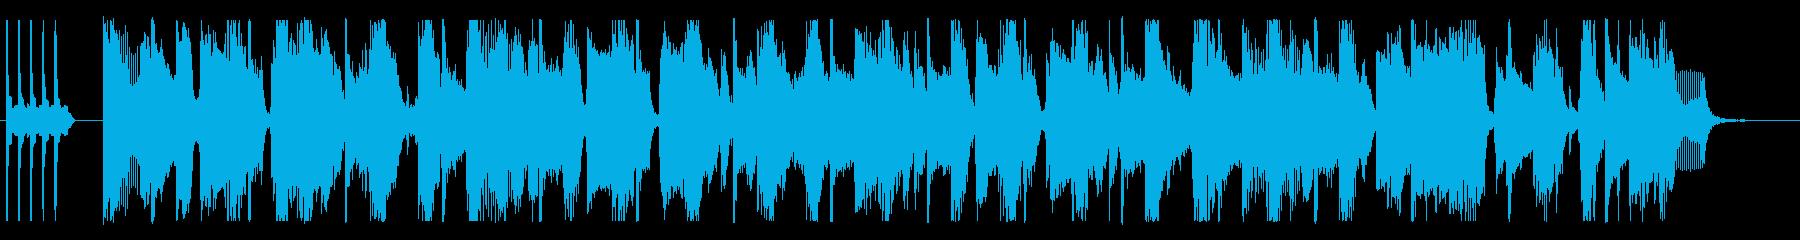 コーナータイトル_ファンキーなオープニンの再生済みの波形